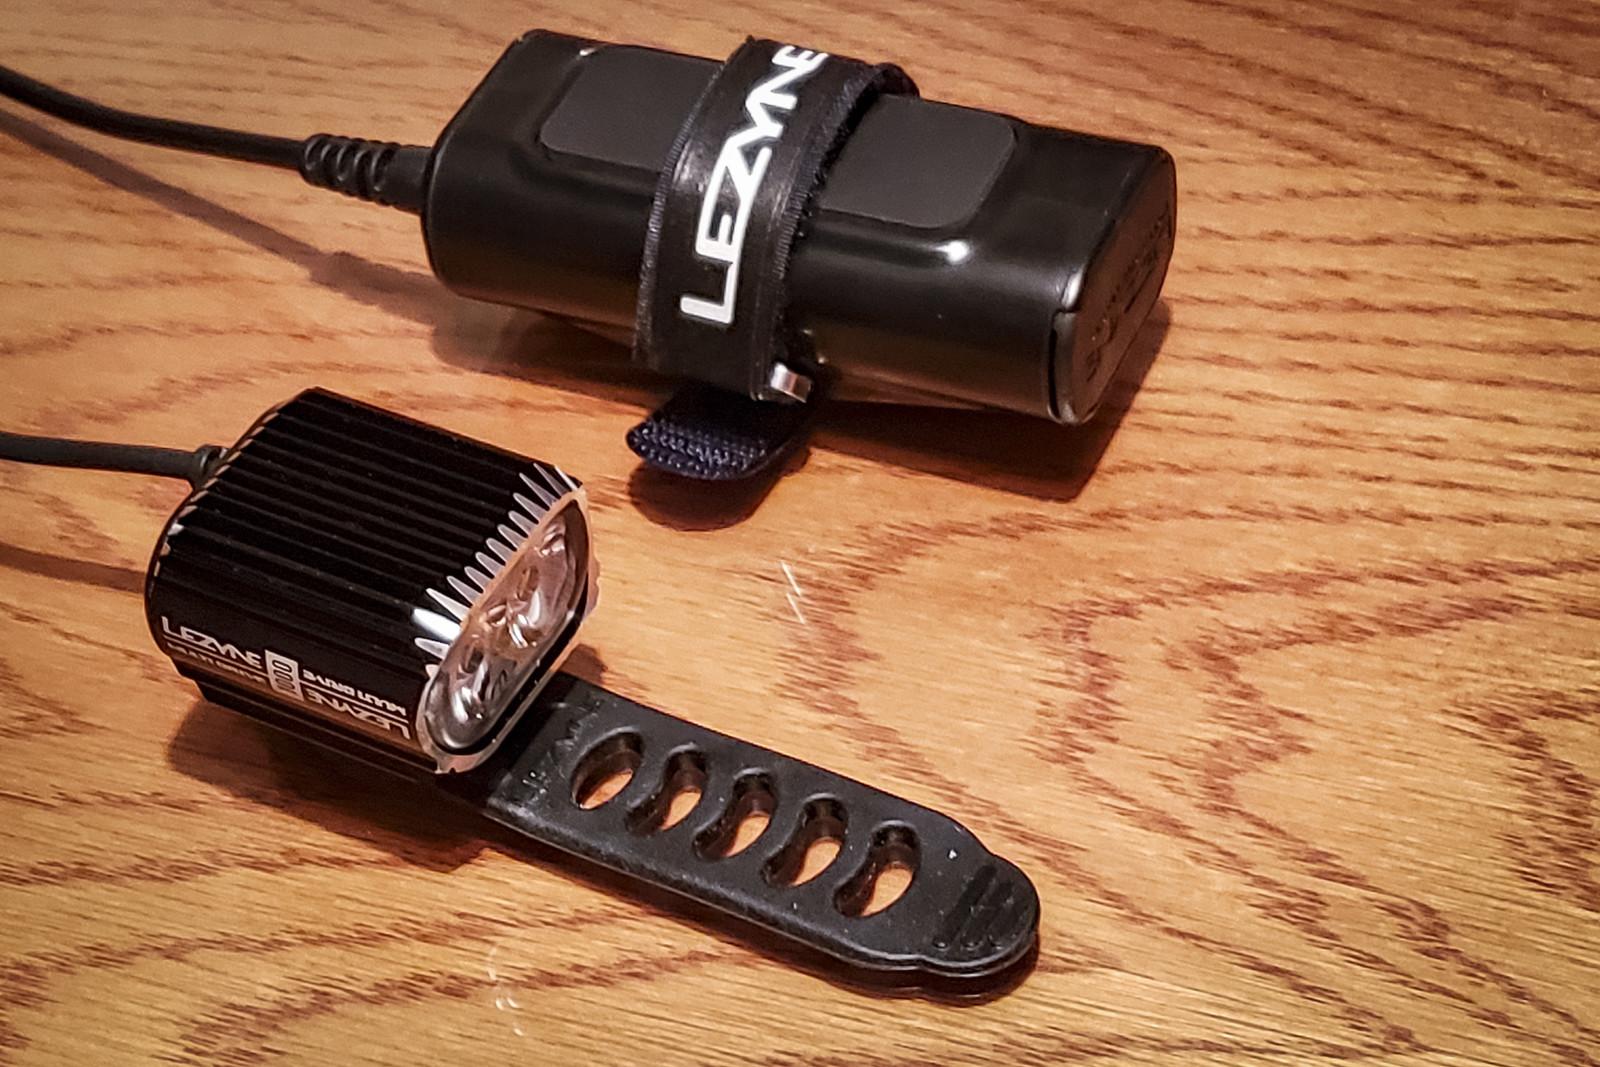 Lezyne Multi Drive 1000 Light and Classic Tubeless Kit